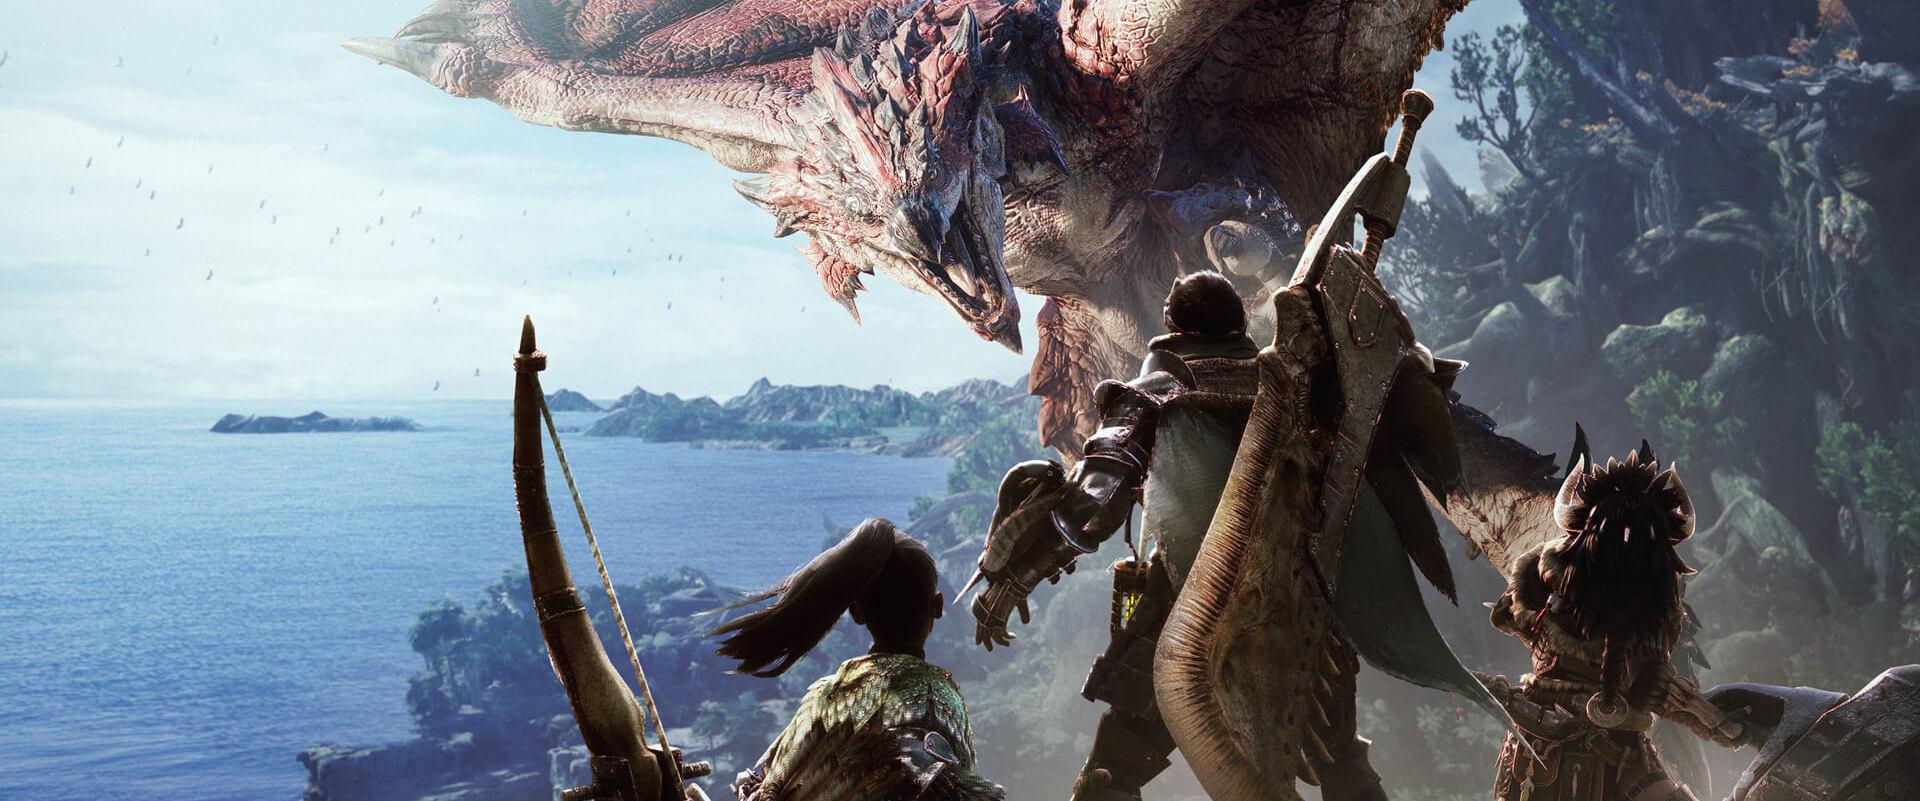 Monster Hunter: World Steam Key EUROPE